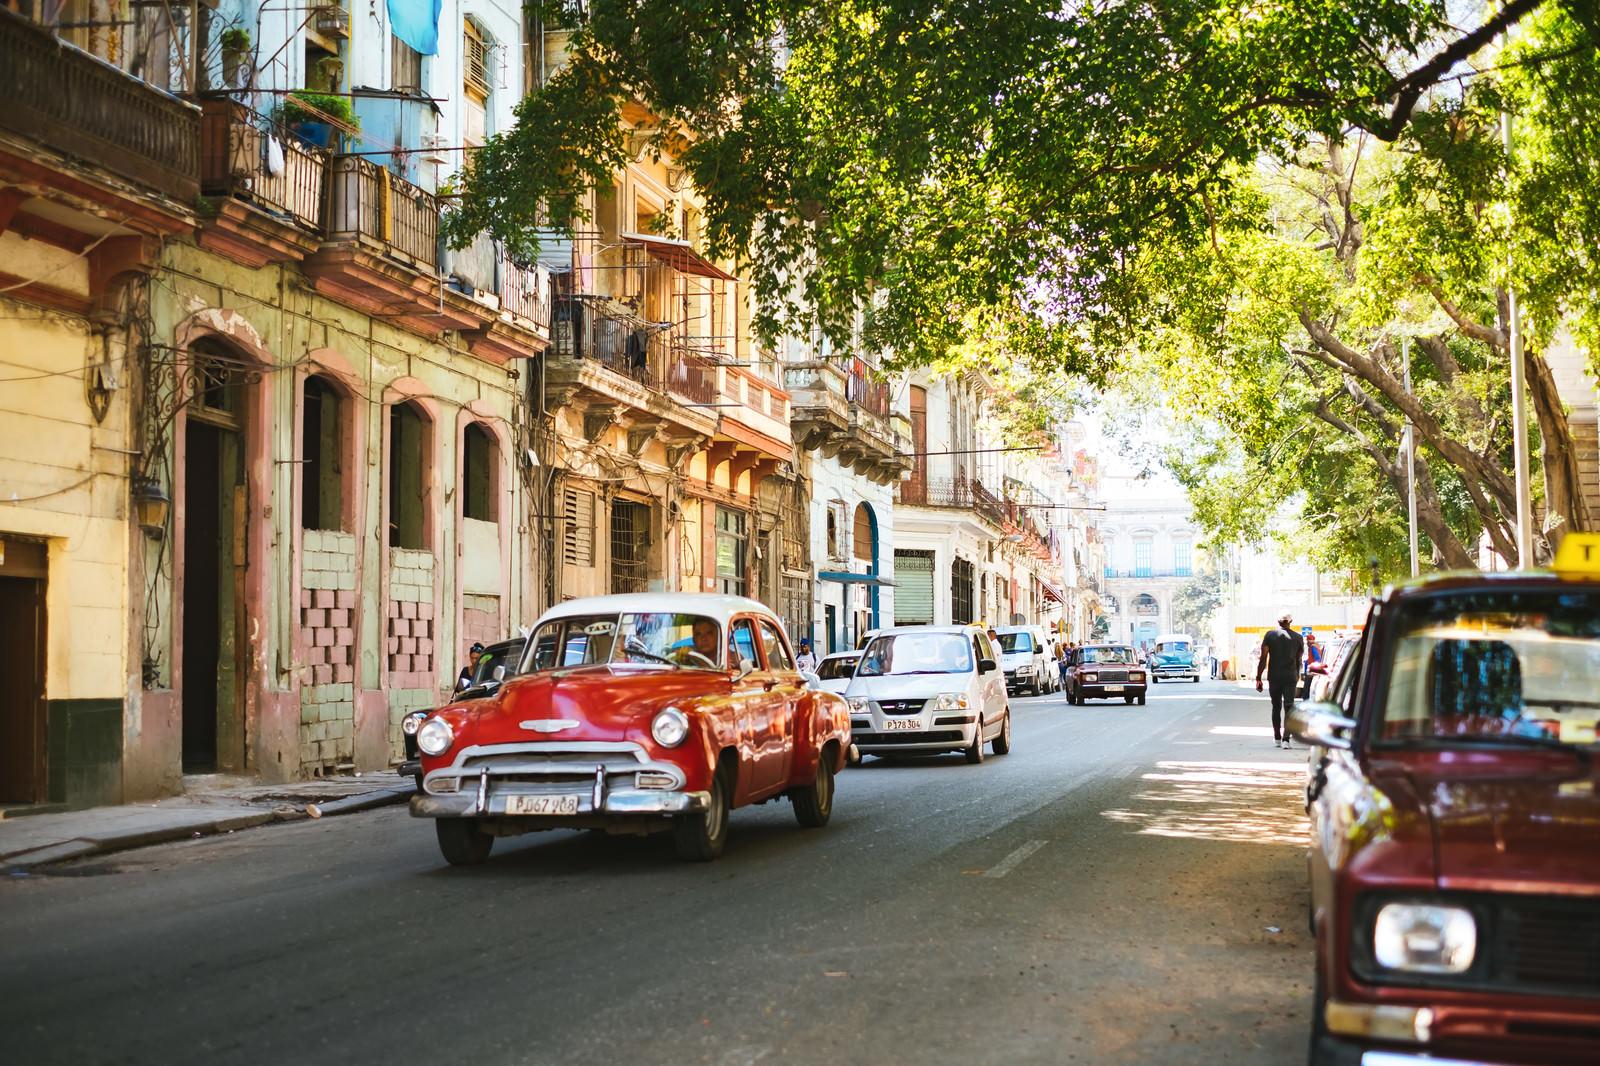 「新浴の町並み(キューバ)新浴の町並み(キューバ)」のフリー写真素材を拡大